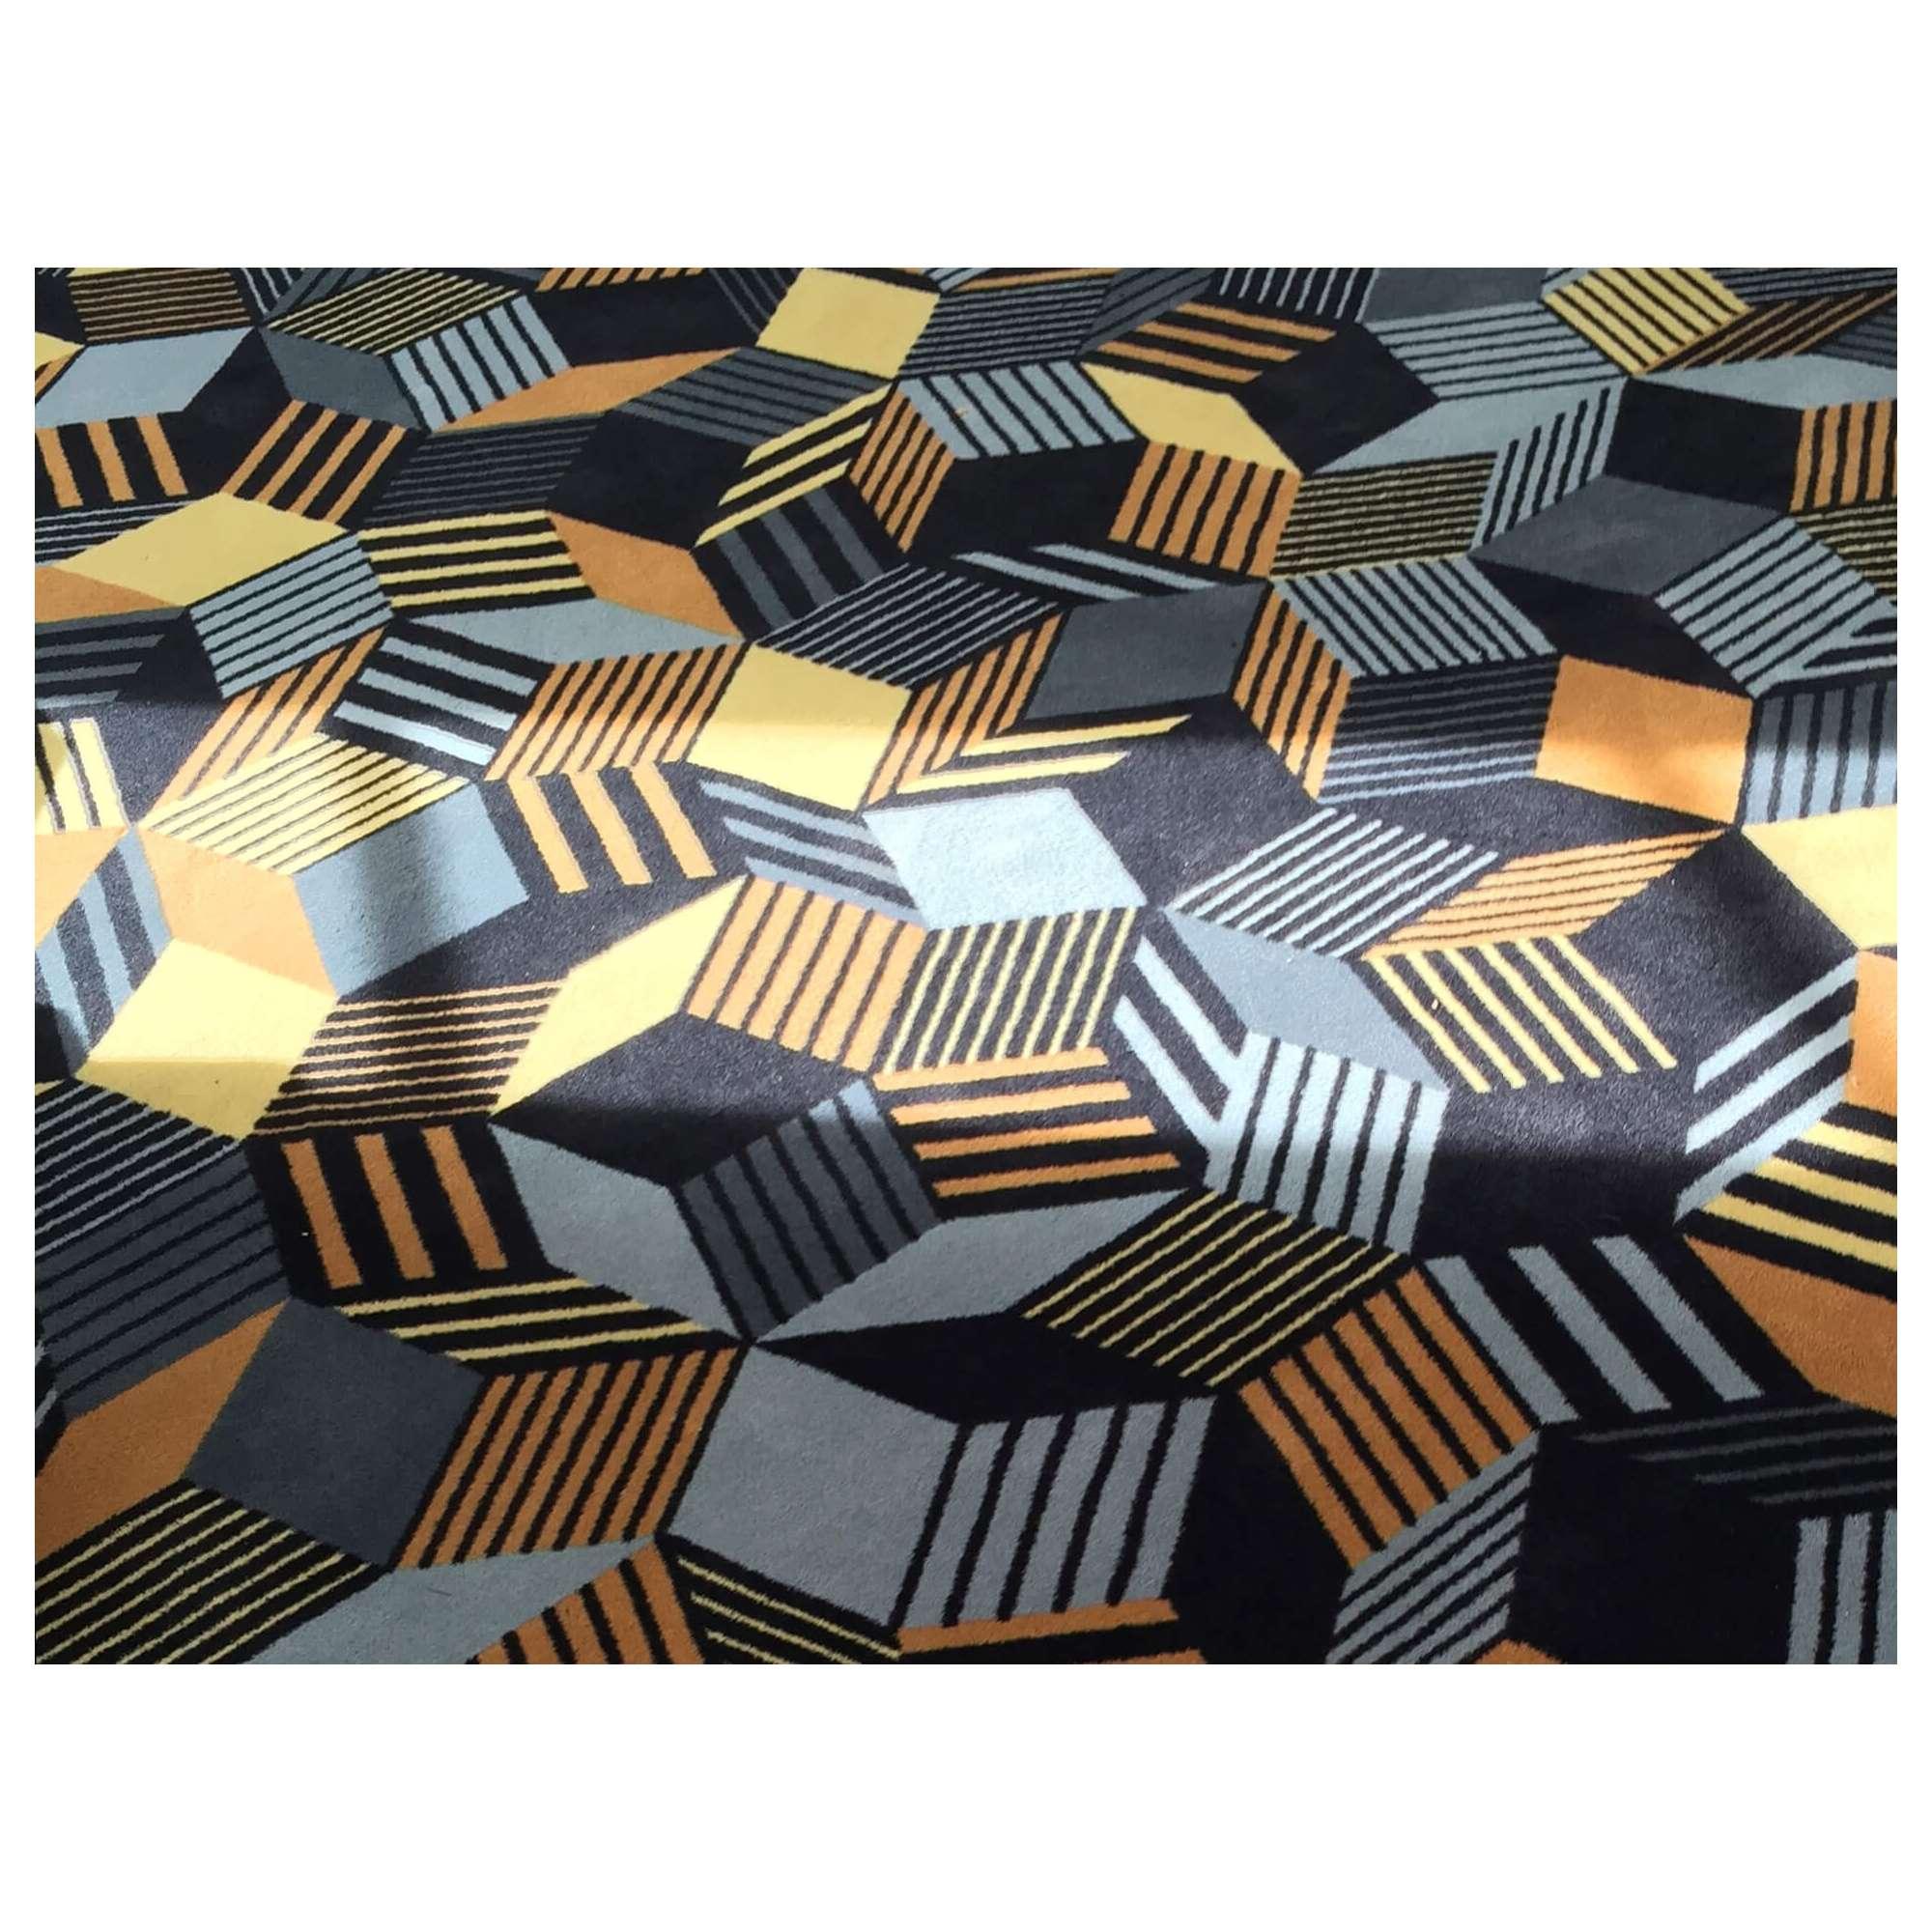 Details du tapis Penrose Rocks, couleur terre, sable, pierre, Design IchetKar édition Bazartherapy